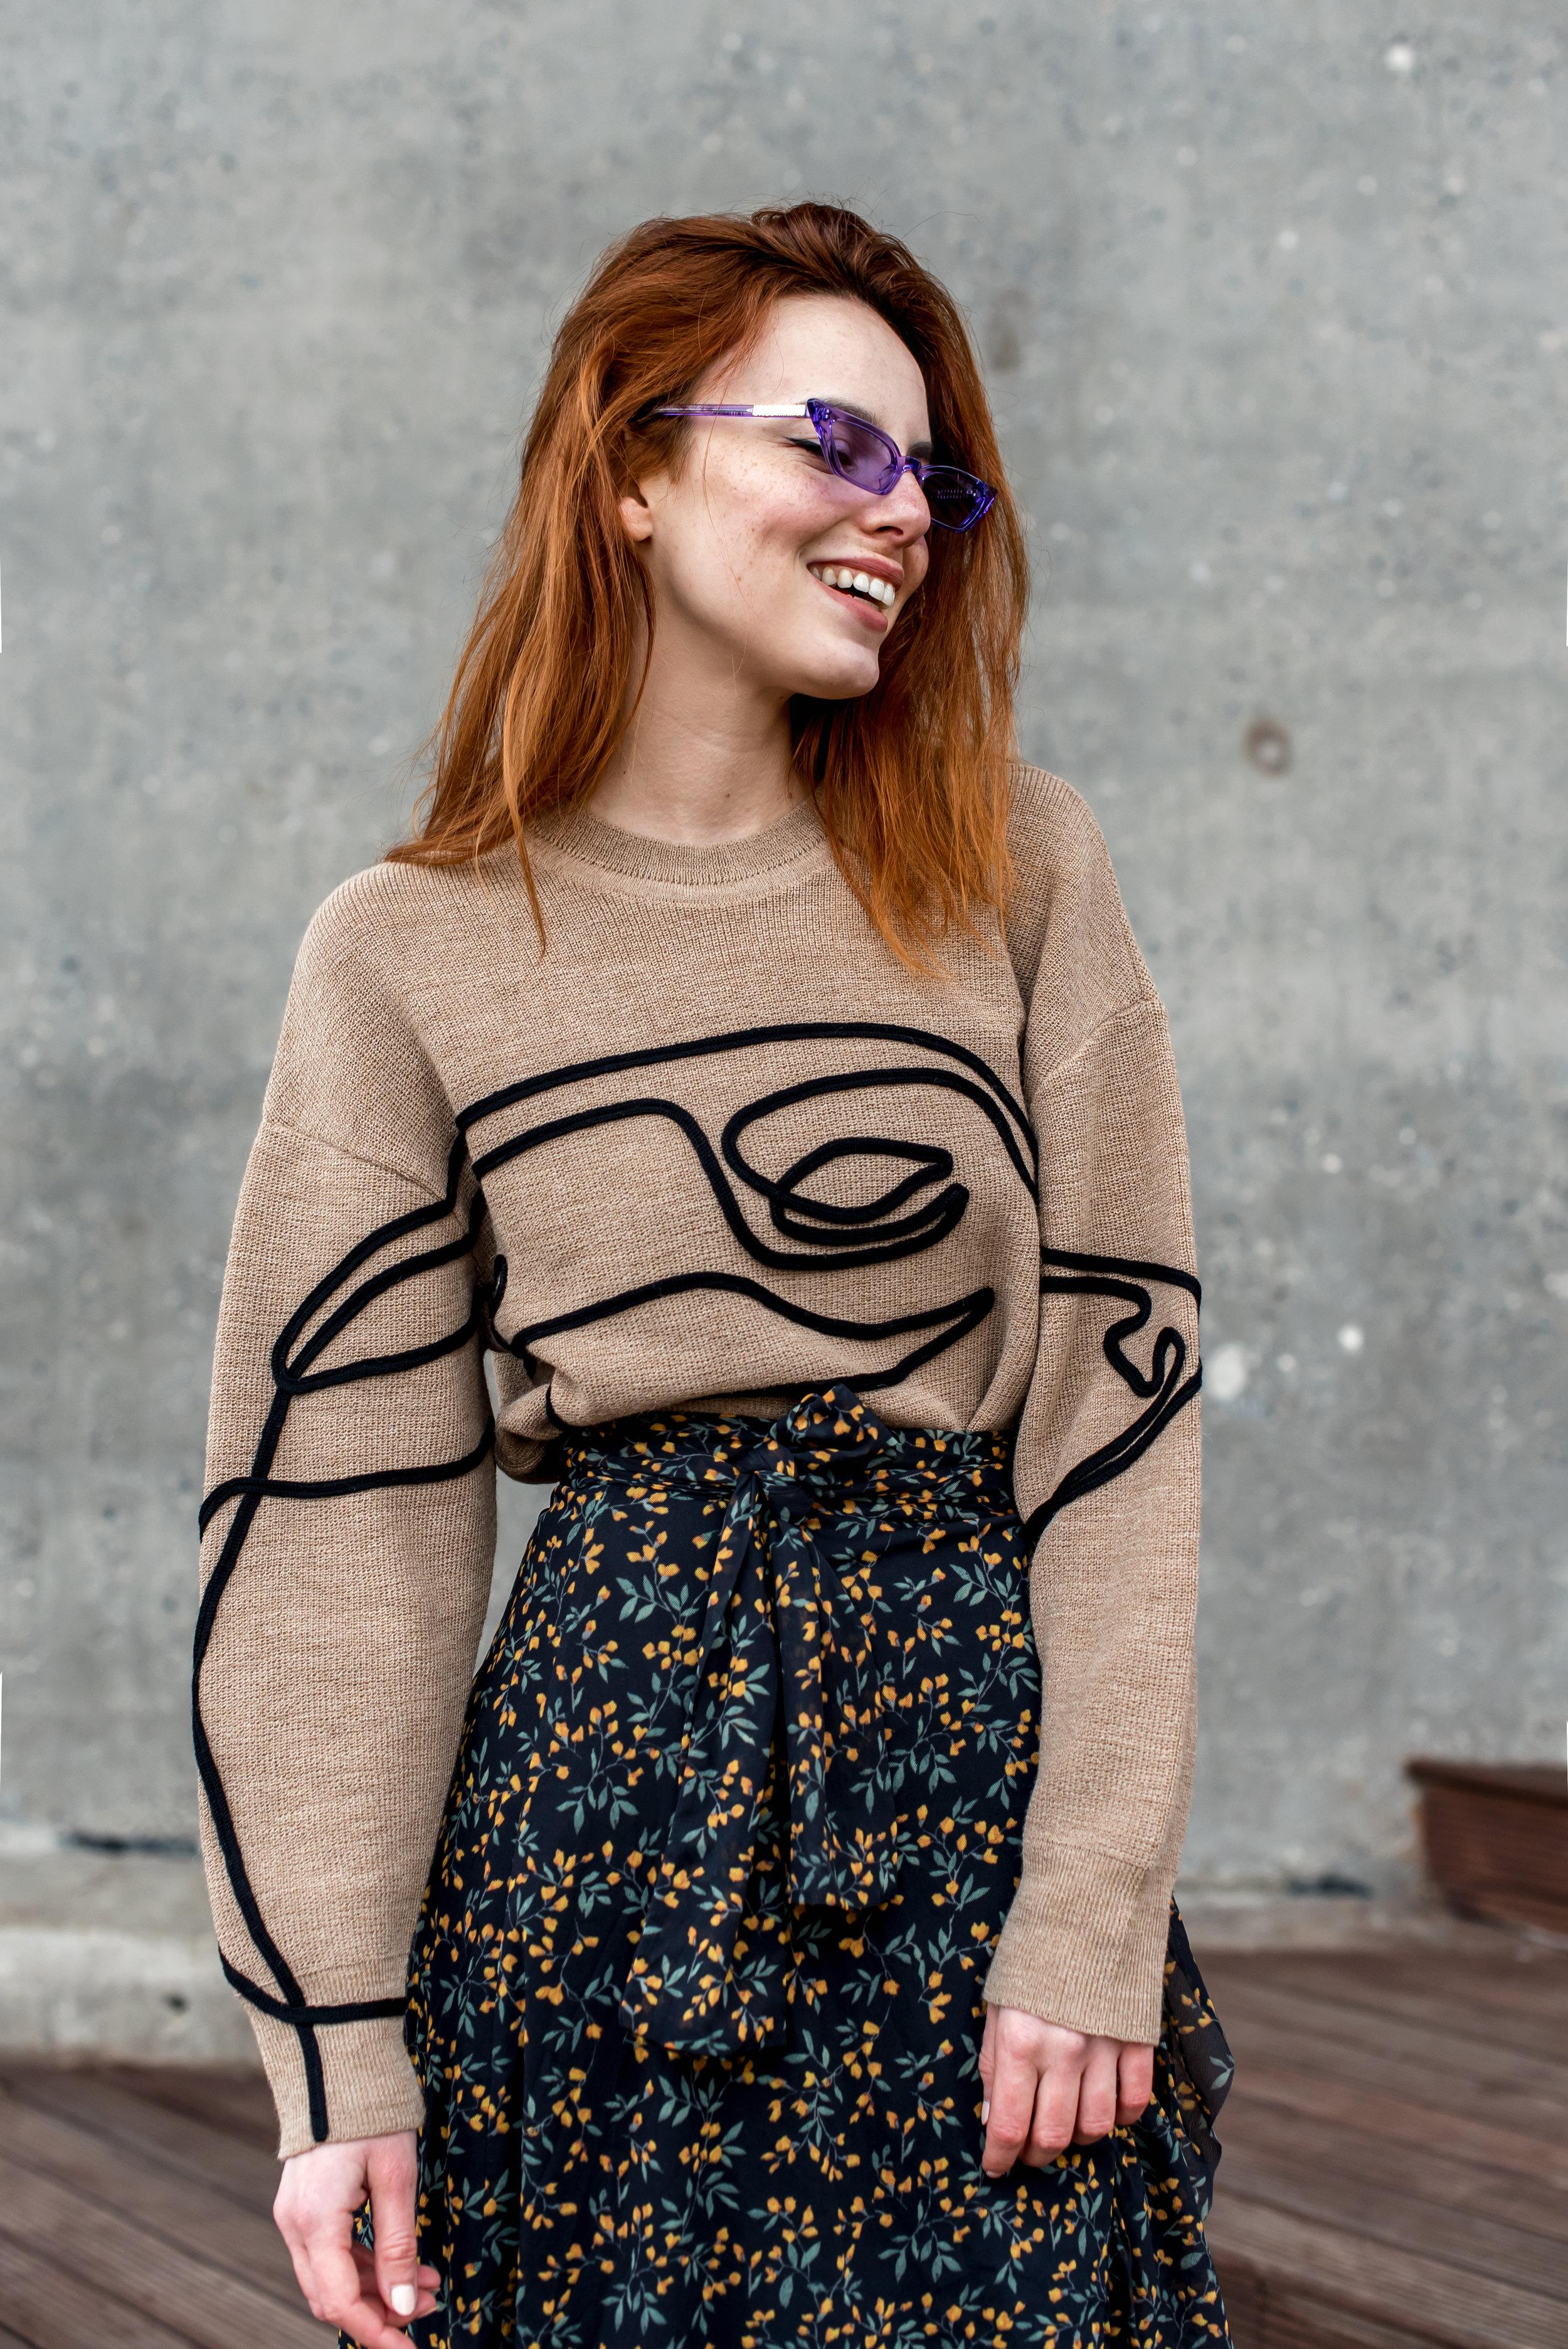 Aeron sweater // Ganni skirt // Poppy Lissiman sunnies